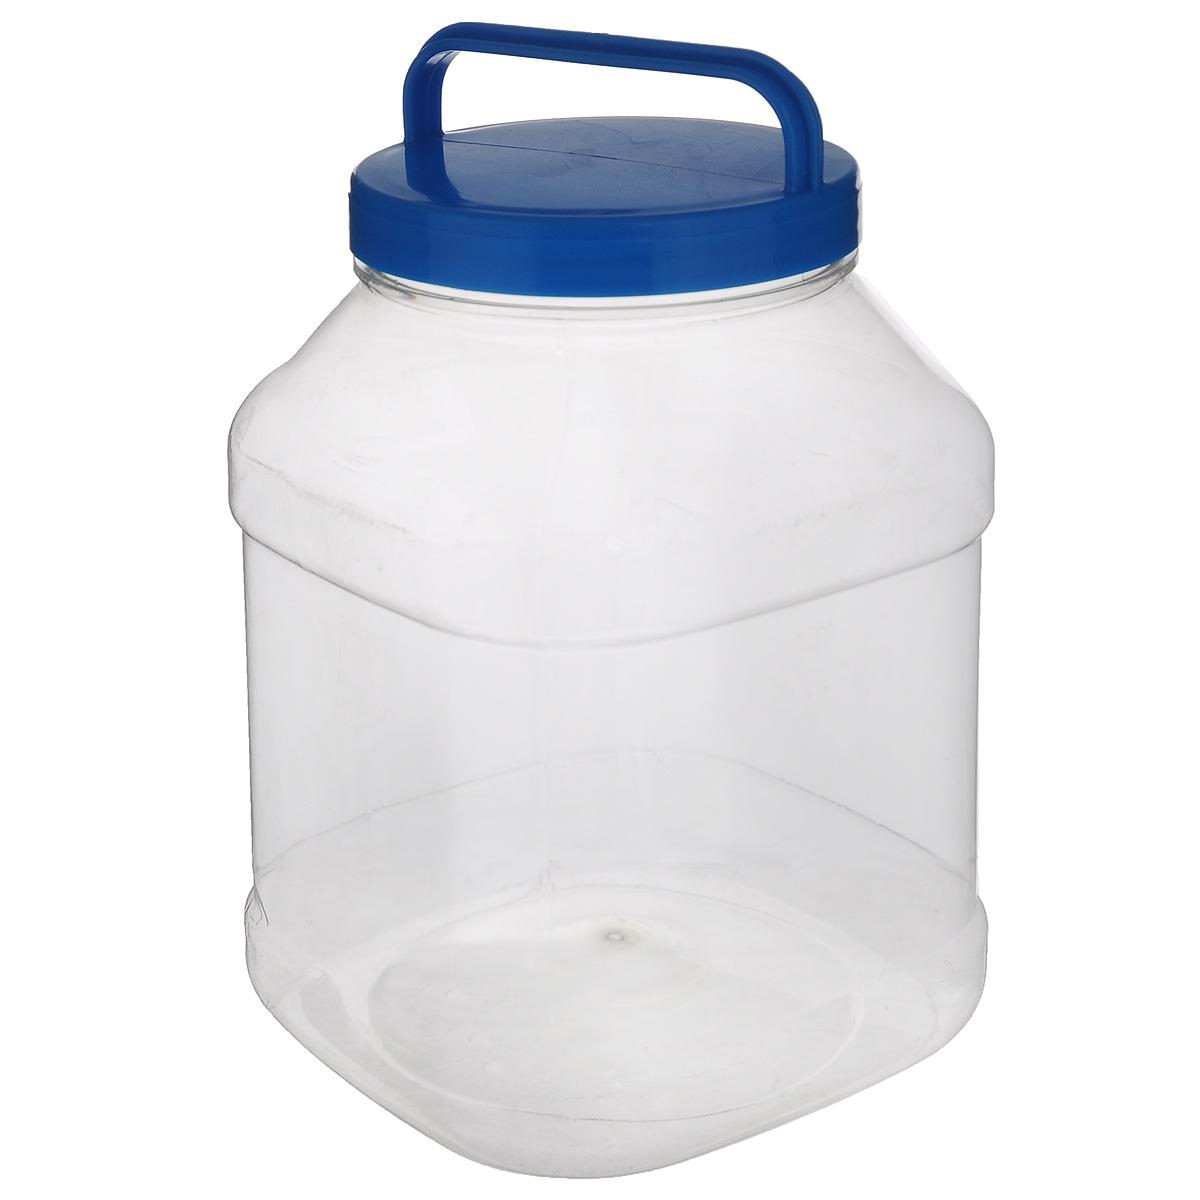 Бидон Альтернатива, прямоугольный, цвет: голубой, 3 лМ463Бидон Альтернатива предназначен для хранения и переноски пищевыхпродуктов, таких какмолоко, вода и т.д. Изделие выполнено из пищевого высококачественного ПЭТ.Оснащен ручкойдля удобной переноски. Бидон Альтернатива станет незаменимым аксессуаром на вашей кухне.Объем: 3 л. Диаметр (по верхнему краю): 10,5 см.Высота бидона (без учета крышки): 19 см. Размер дна: 15 см х 15 см.